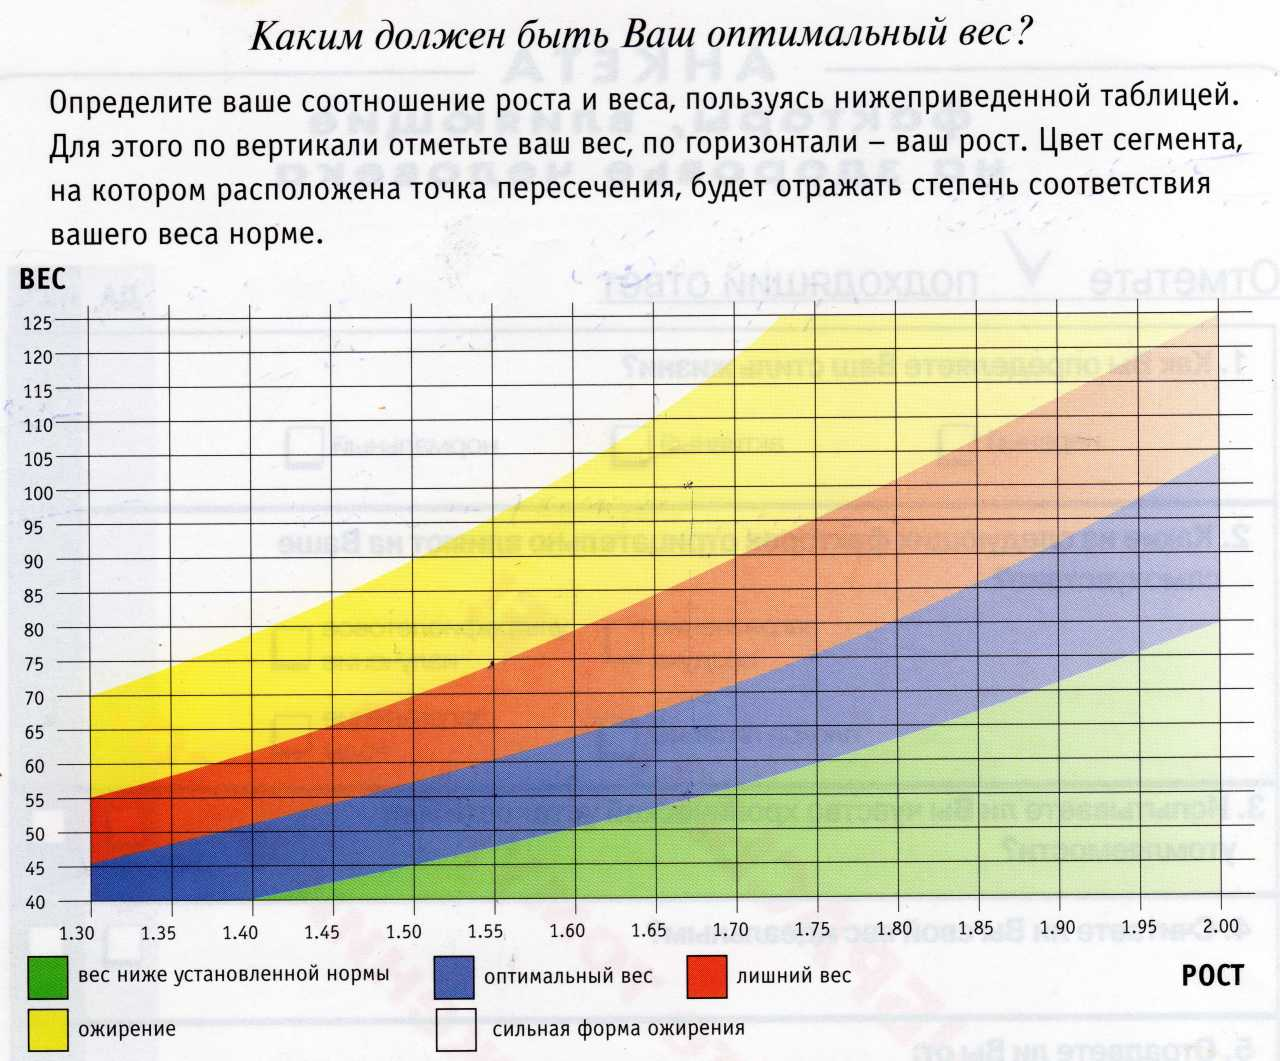 Таблица Похудения По Возрасту. Калькулятор калорий для похудения